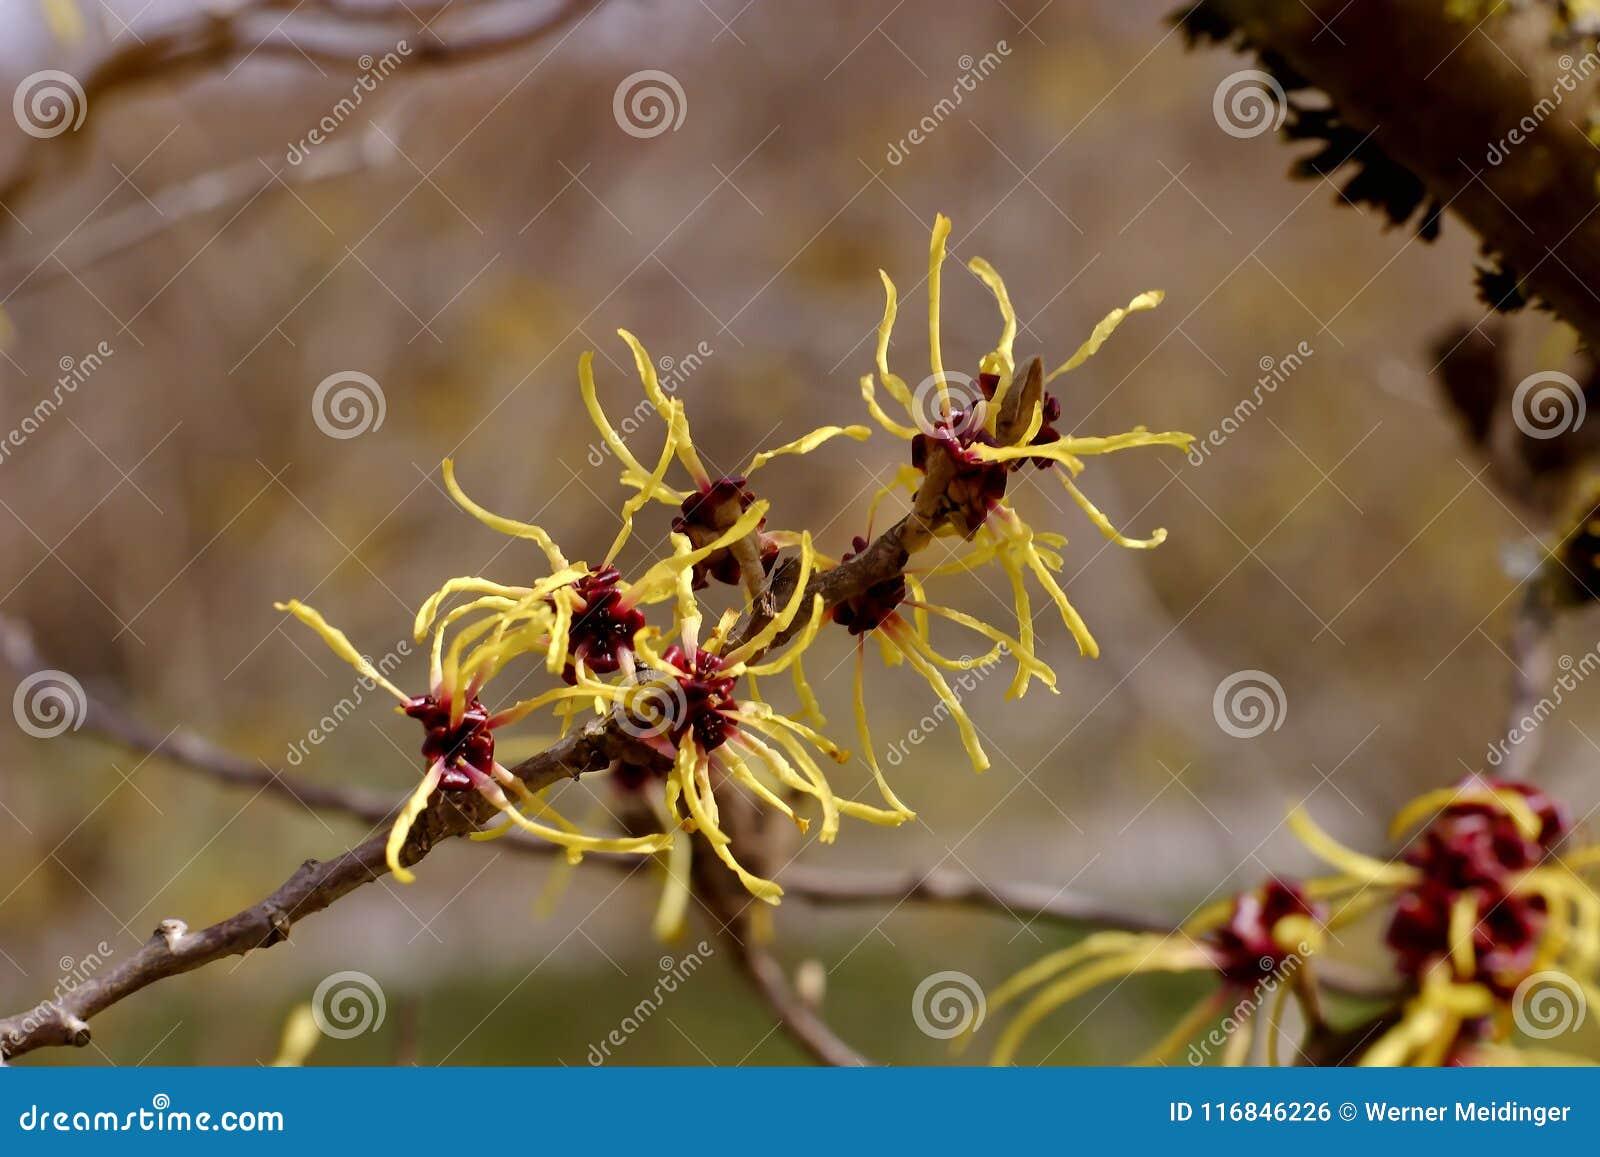 Bloemen van Chinese mollis van Heksenhazel hamamelis